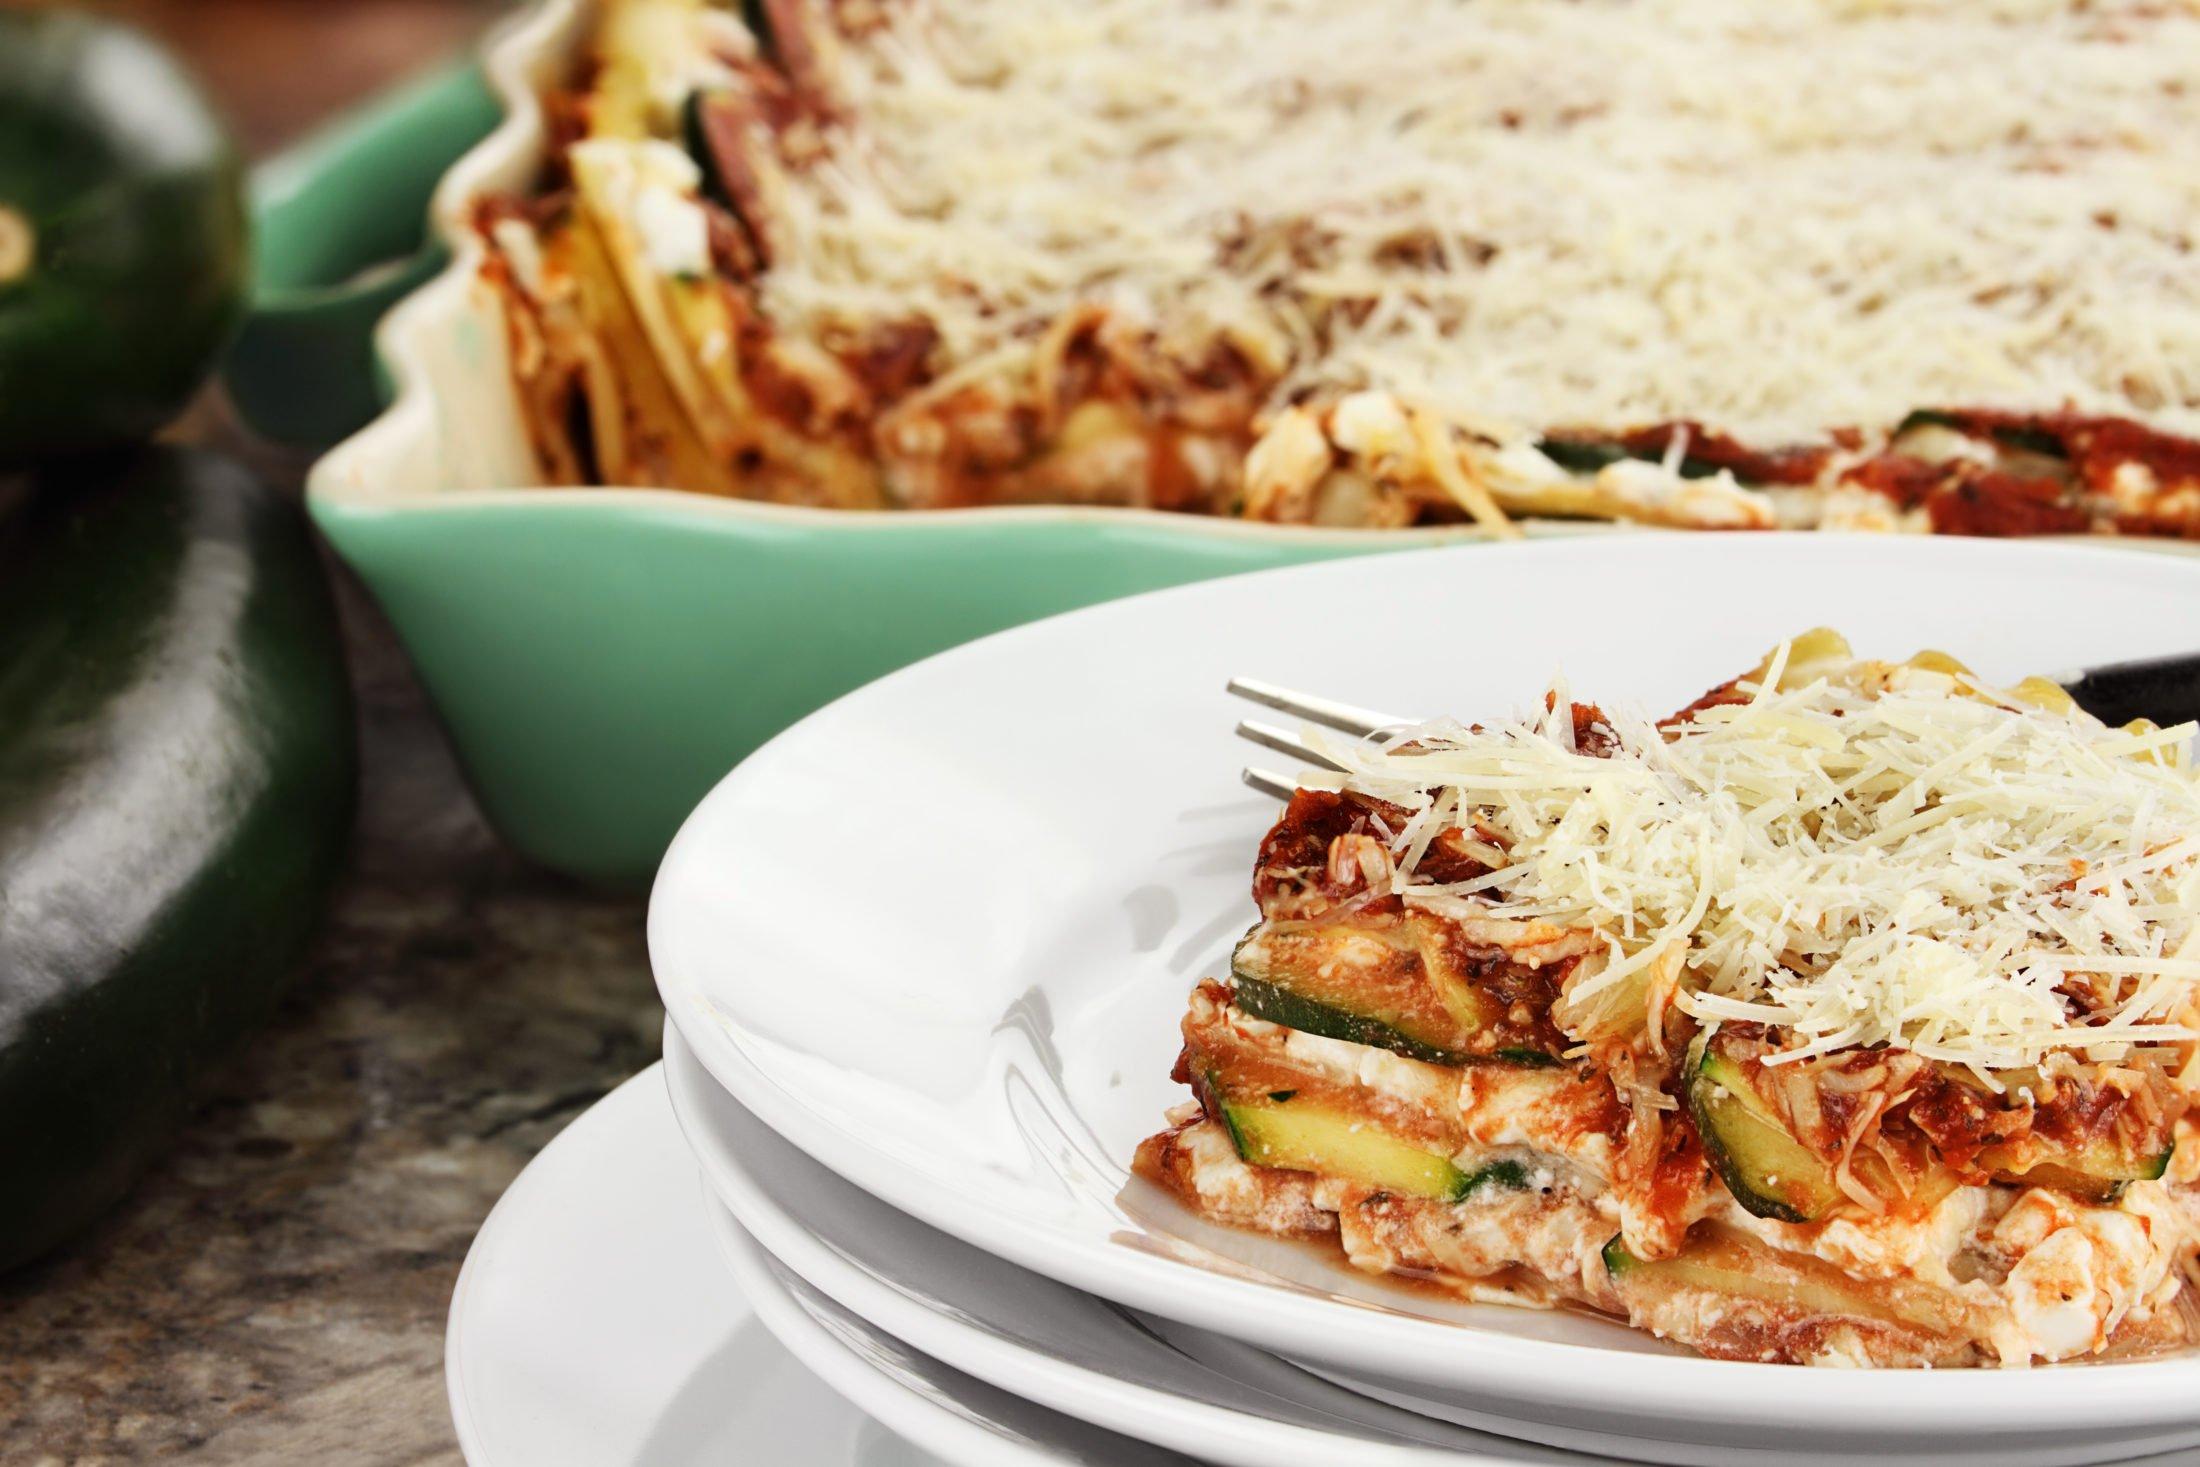 RECIPE: No-Noodle Lasagna